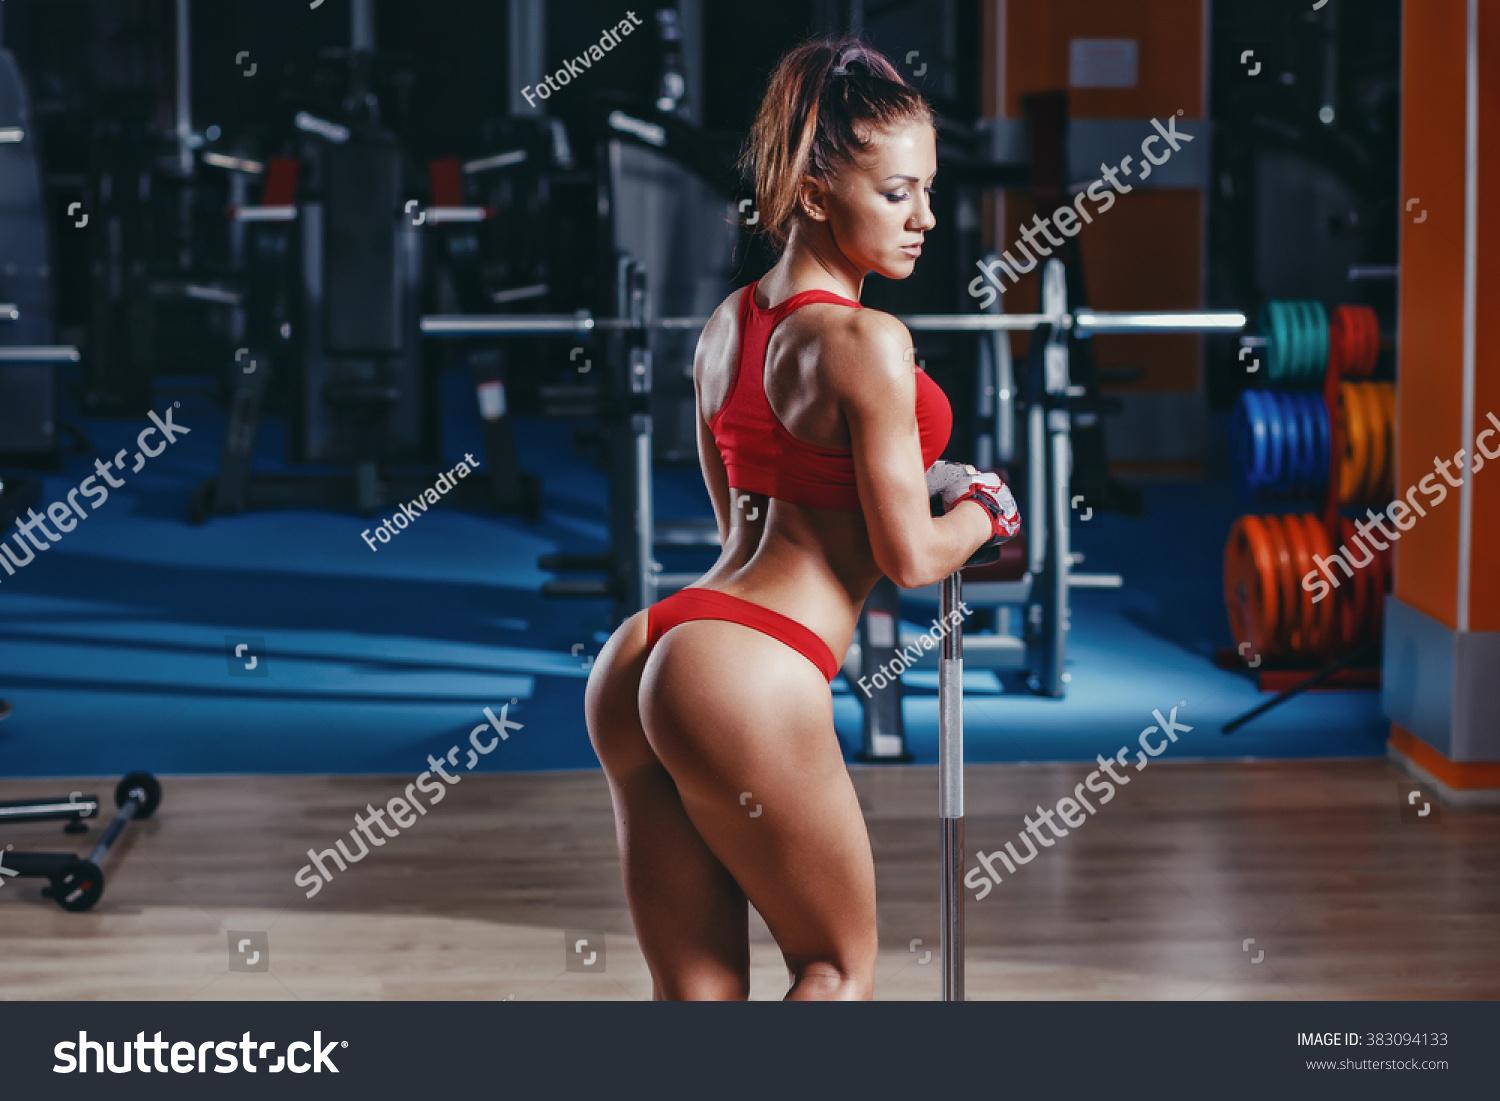 Atletism sex girl